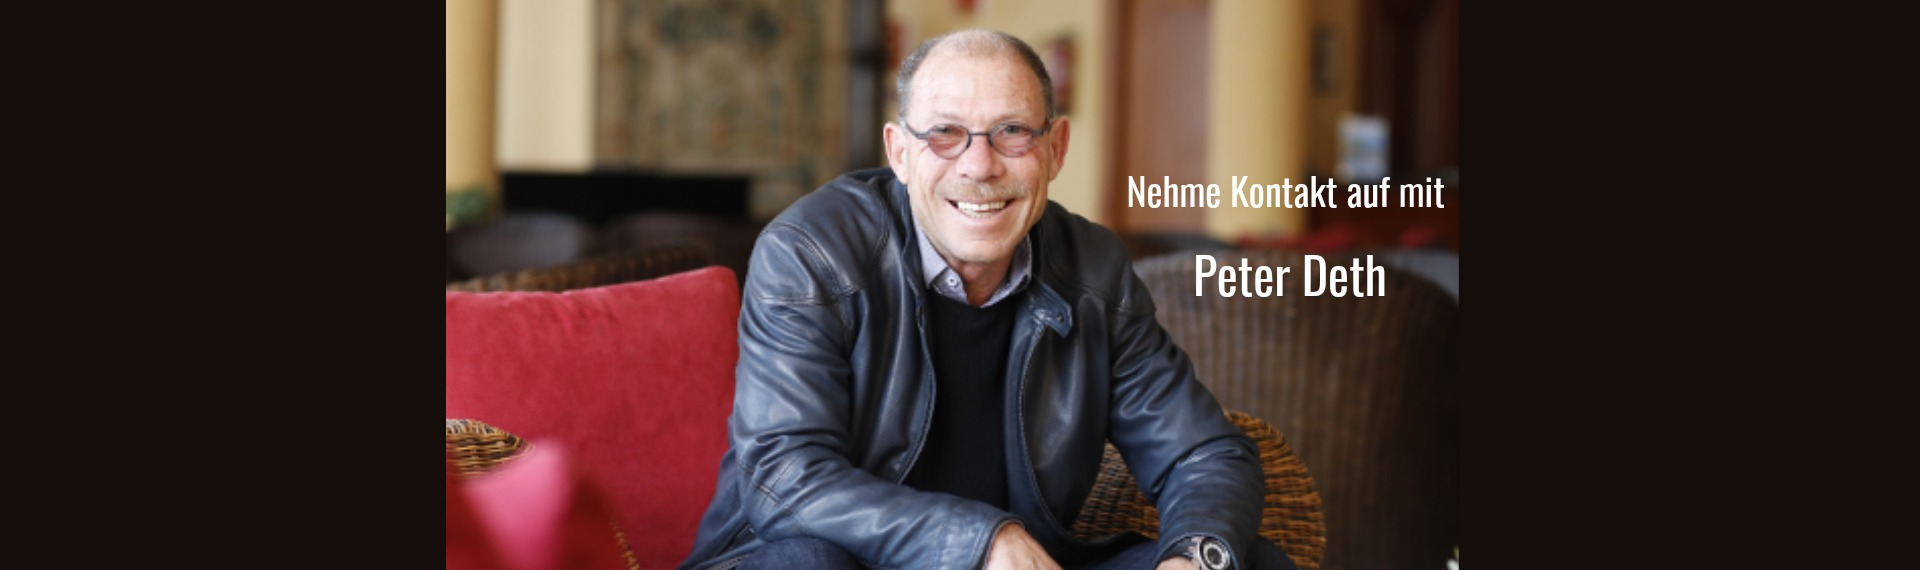 Banner Kontakt Deutsch